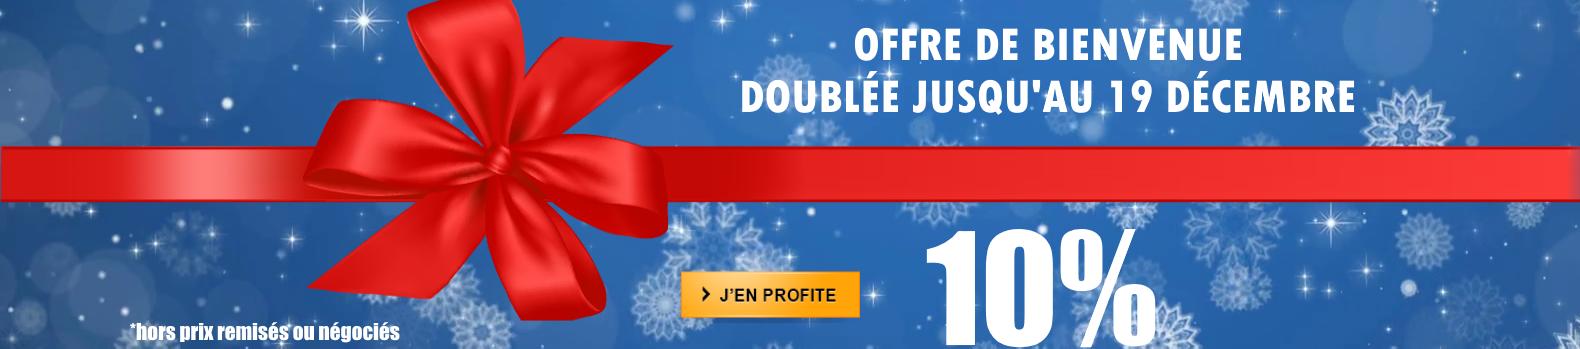 Profitez de 10% de remise de bienvenue sur vos achats jusqu'au 19 décembre